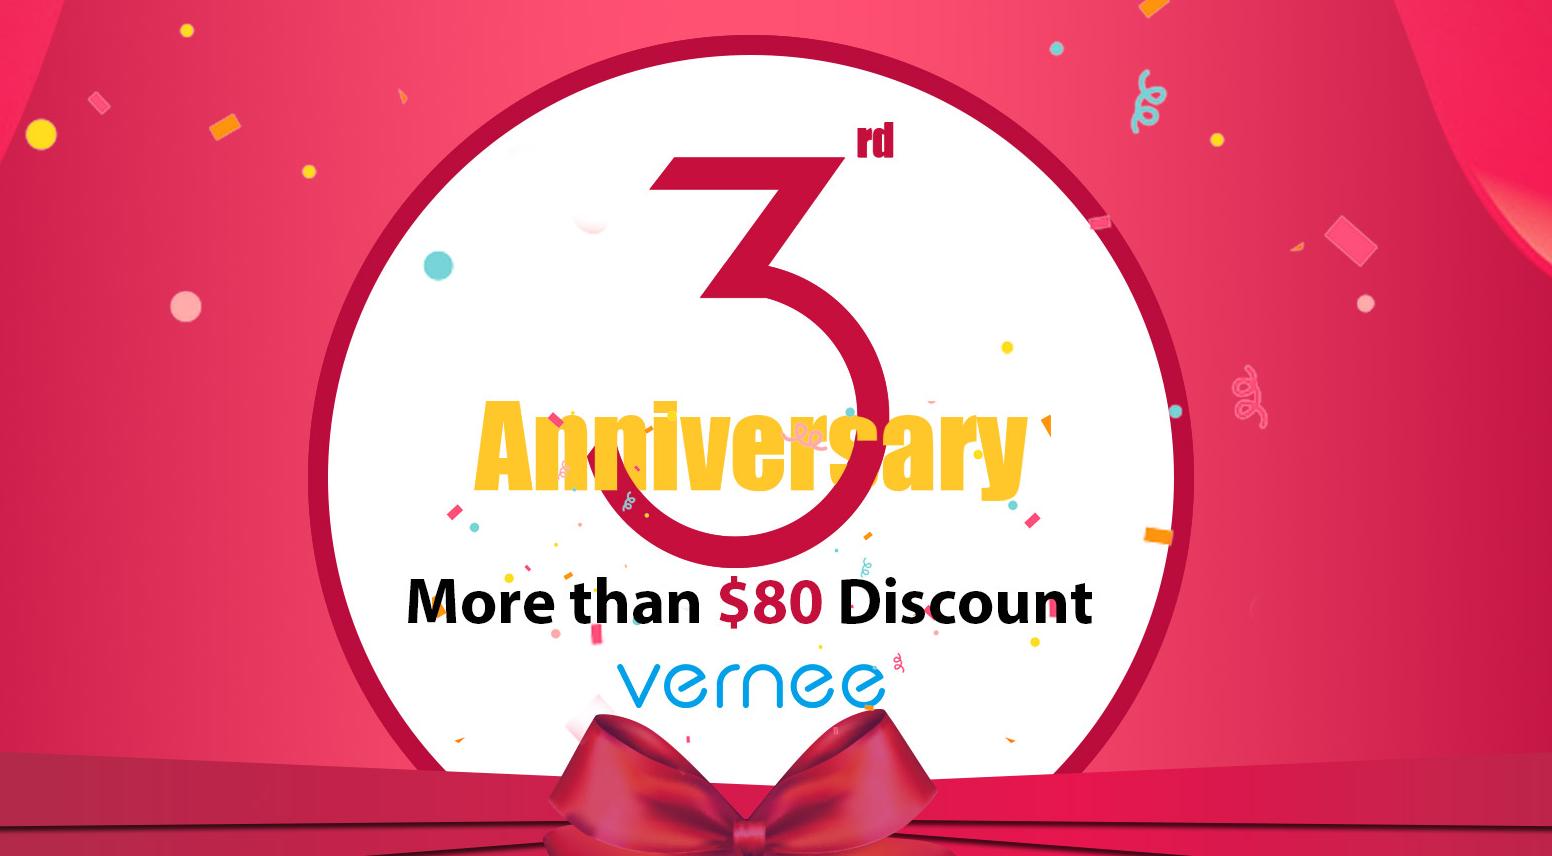 Vernee slaví a pro zákazníky má veliké slevy [sponzorovaný článek]